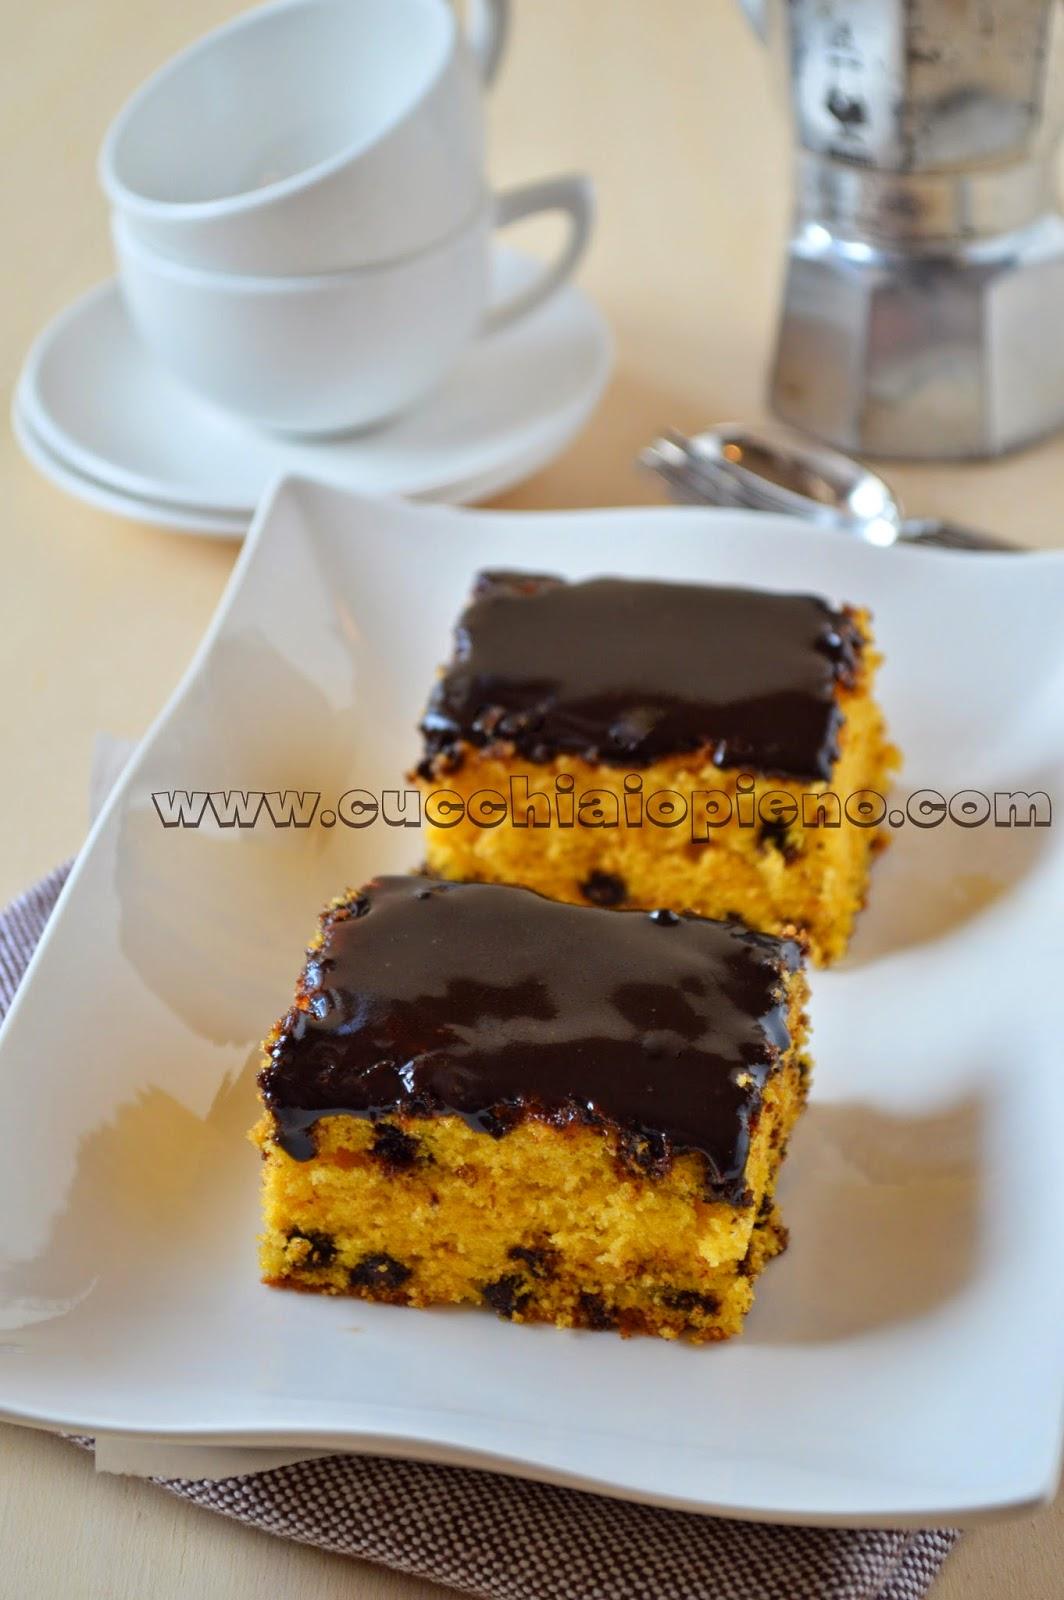 bolo de cenoura com gotas e cobertura de chocolate